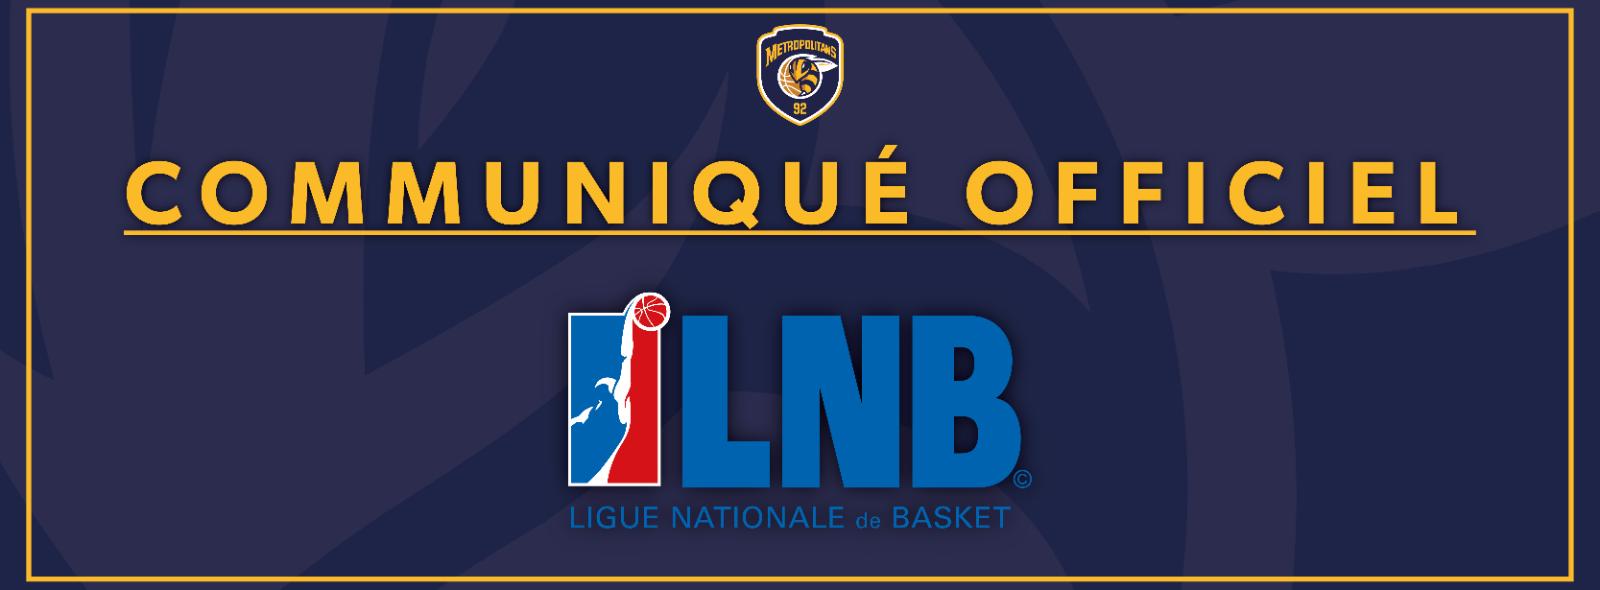 Communiqué officiel - Ligue Nationale de Basketball - 27 Mai